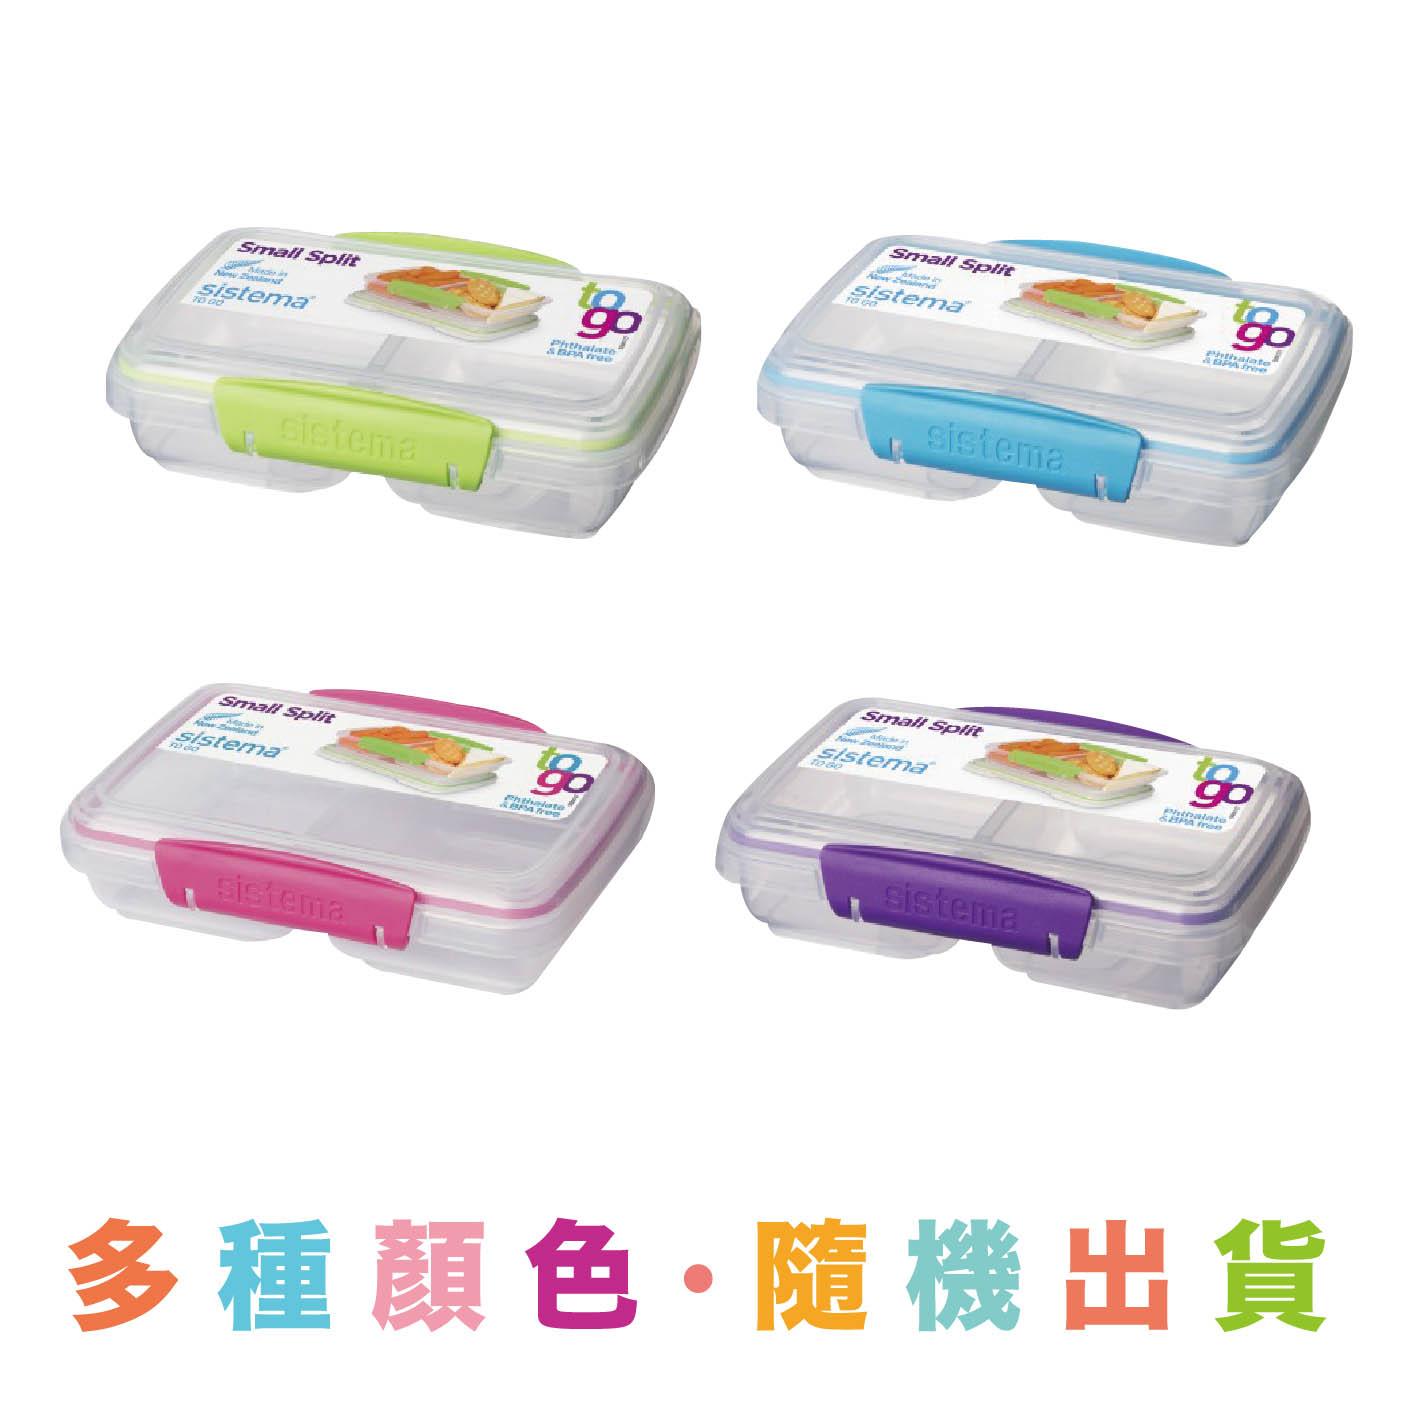 [紐西蘭 Sistema] 窈窕輕食輕鬆帶~To Go 分格保鮮盒 (350ml) (顏色隨機出貨)